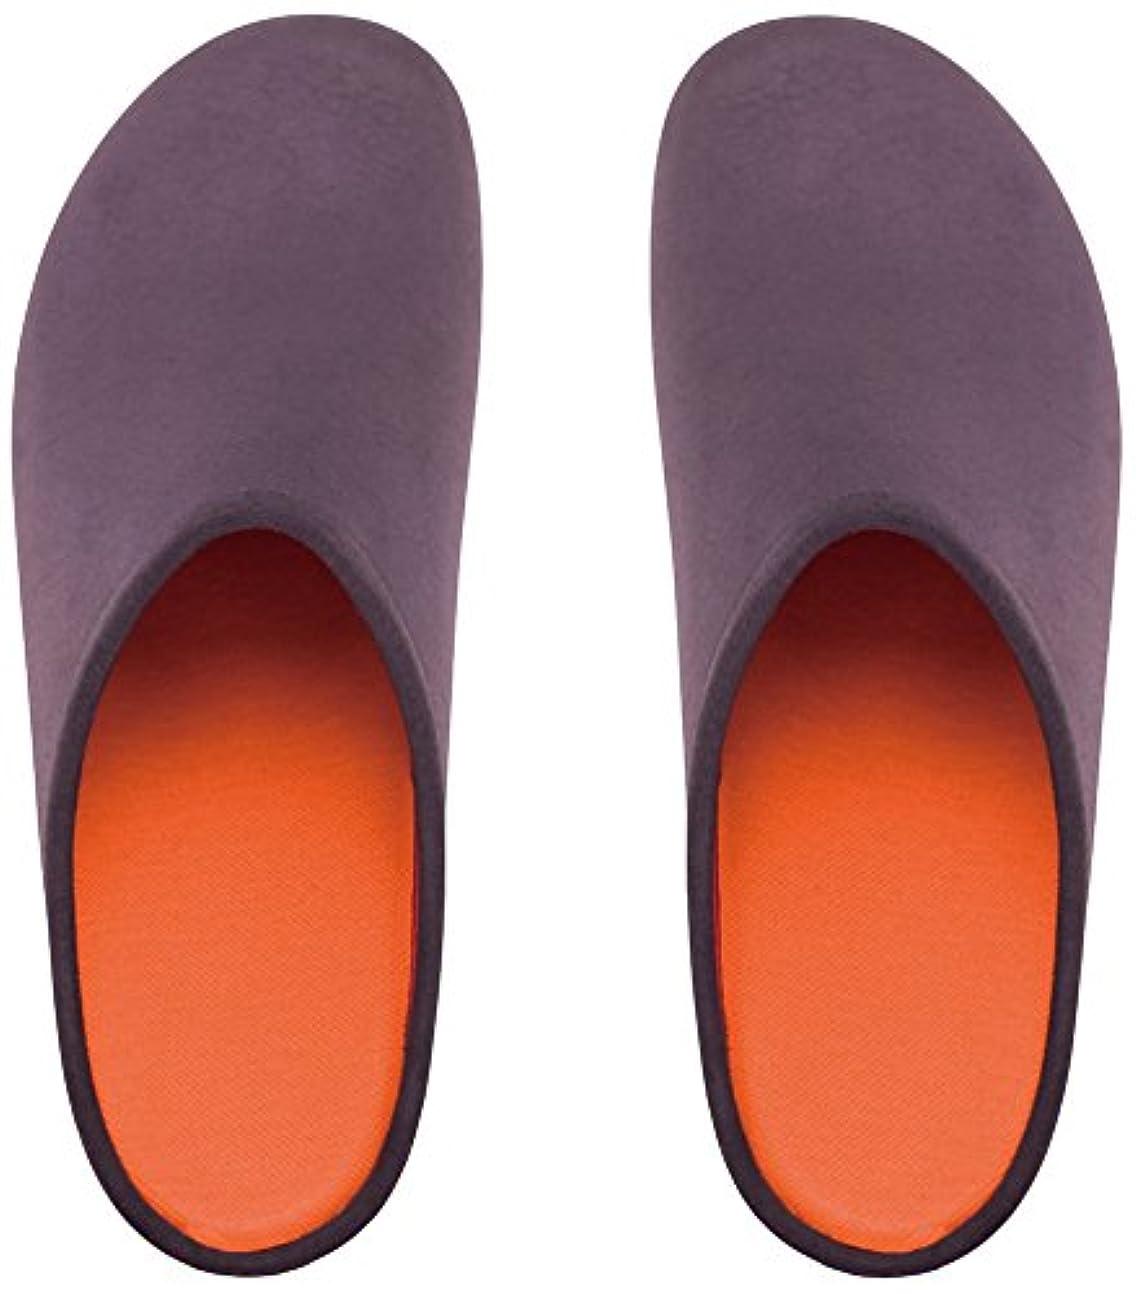 ソフトウェア危機不定プレミアムルームシューズ「フットローブ ピエモンテ / footrobe Piemonte」プレーン(チャコール)+フェルトインソール(オレンジ)セット女性用 25.0cm